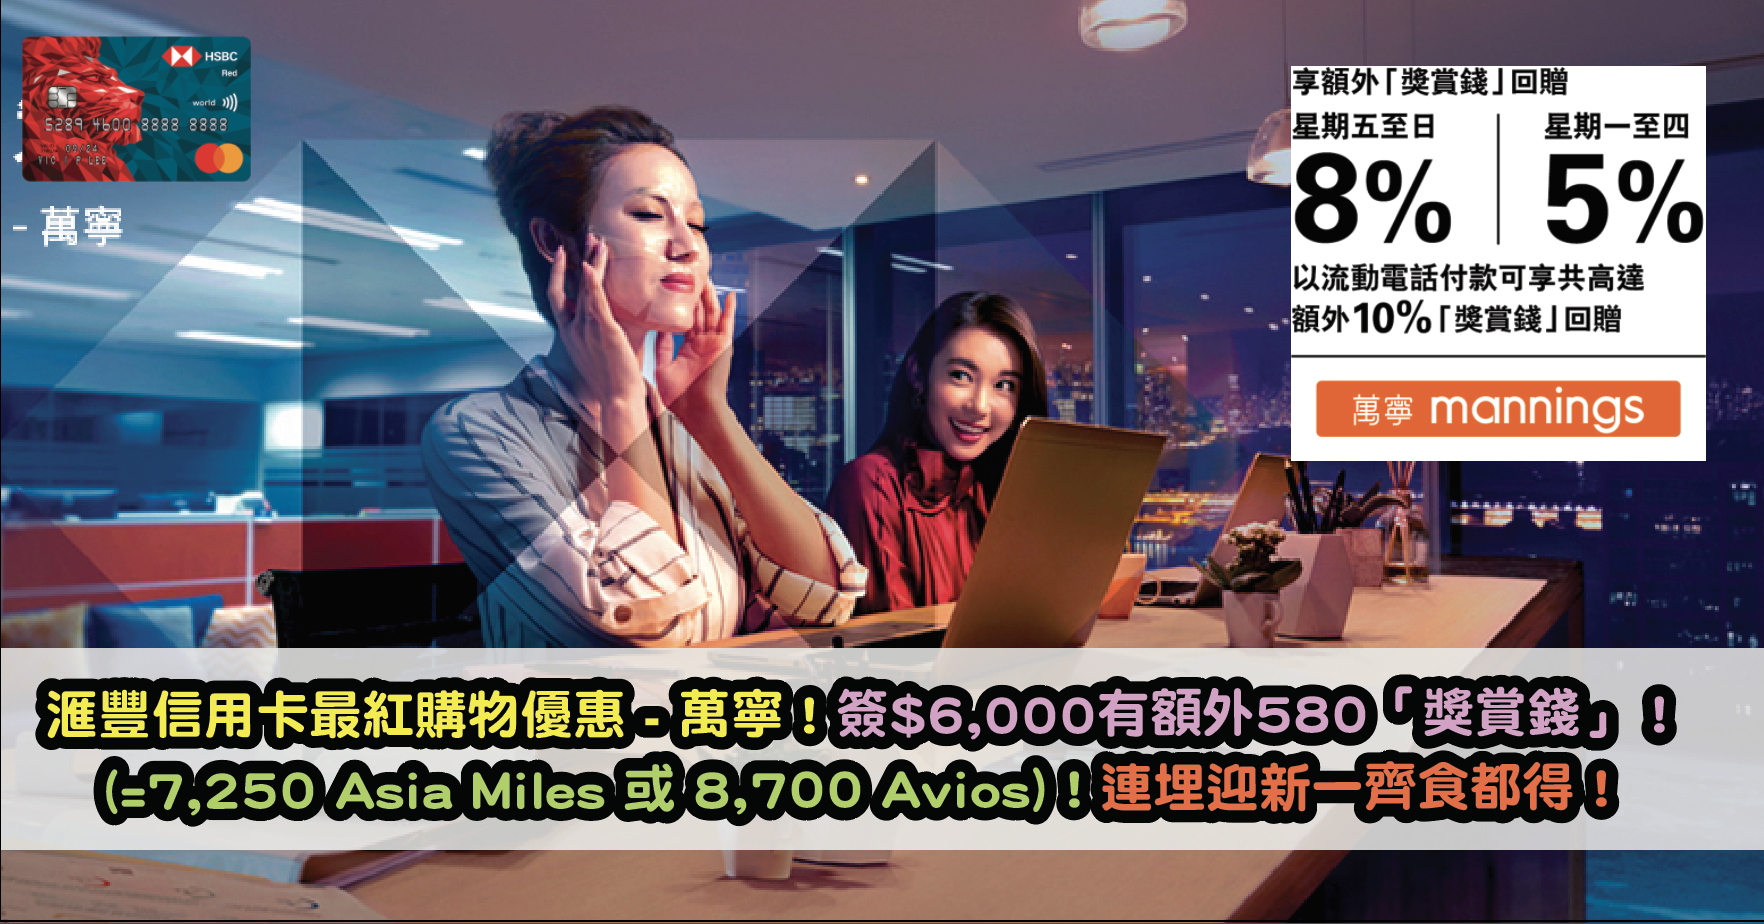 滙豐信用卡最紅購物優惠 - 萬寧!簽$6,000有額外580「獎賞錢」(=7,250 Asia Miles 或 8,700 Avios)!連埋迎新一齊食都得!